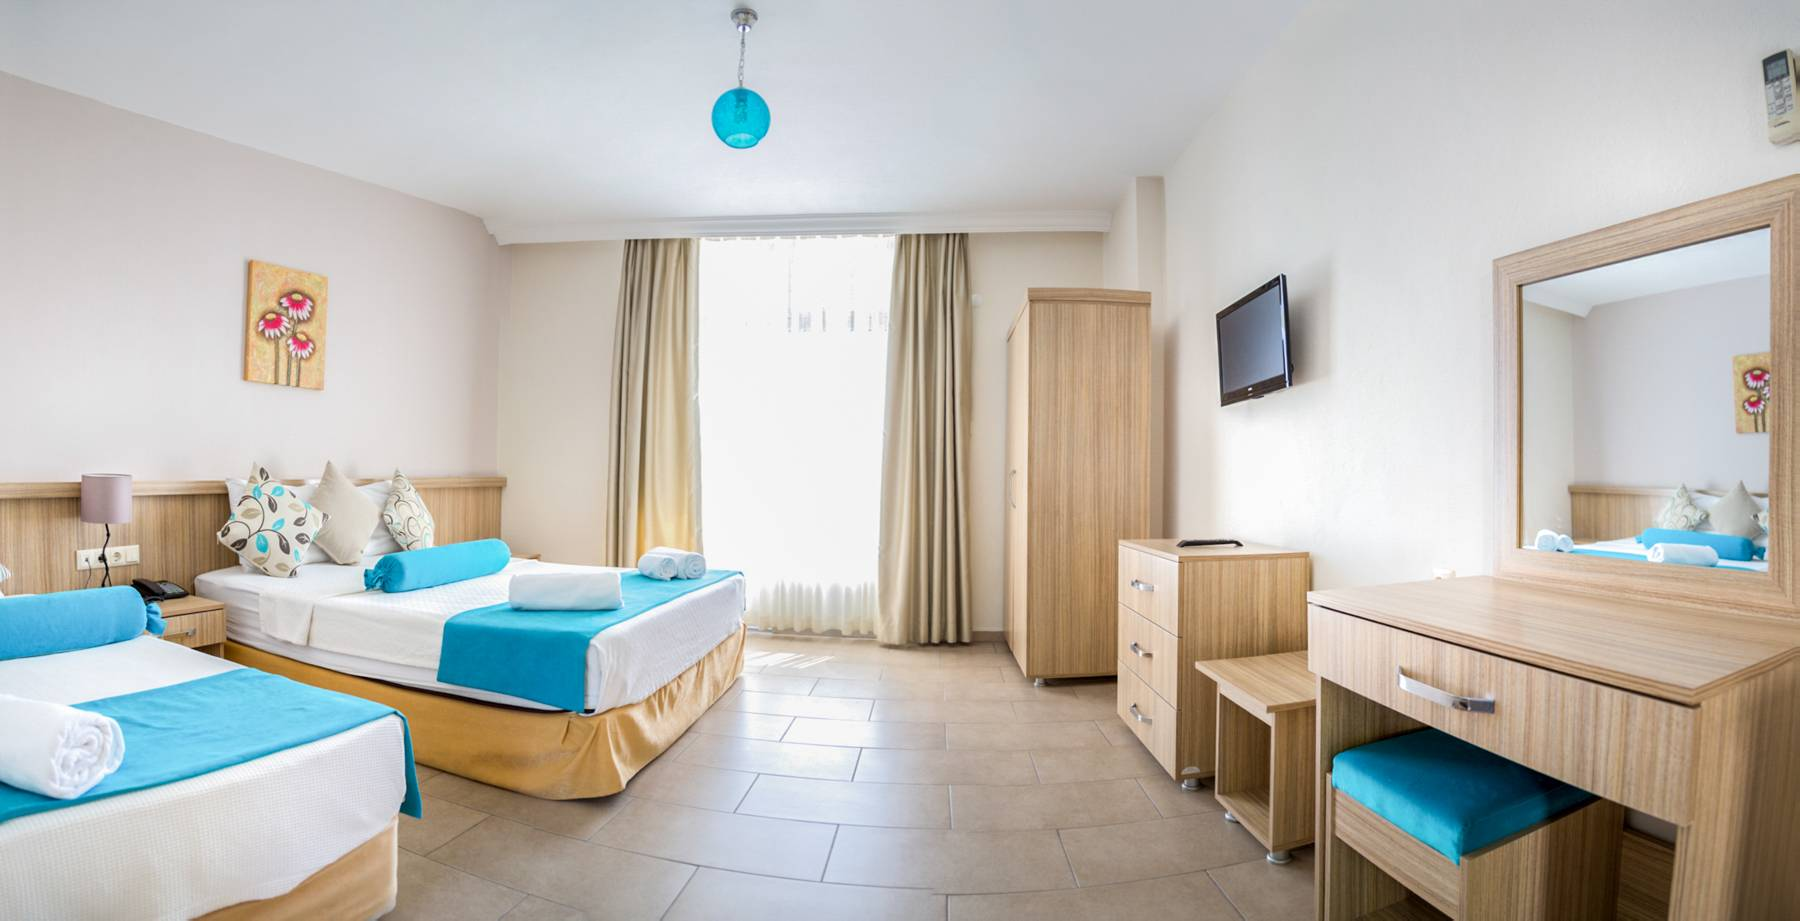 Letovanje Turska autobusom, Kusadasi, Hotel Ponz,soba izgled